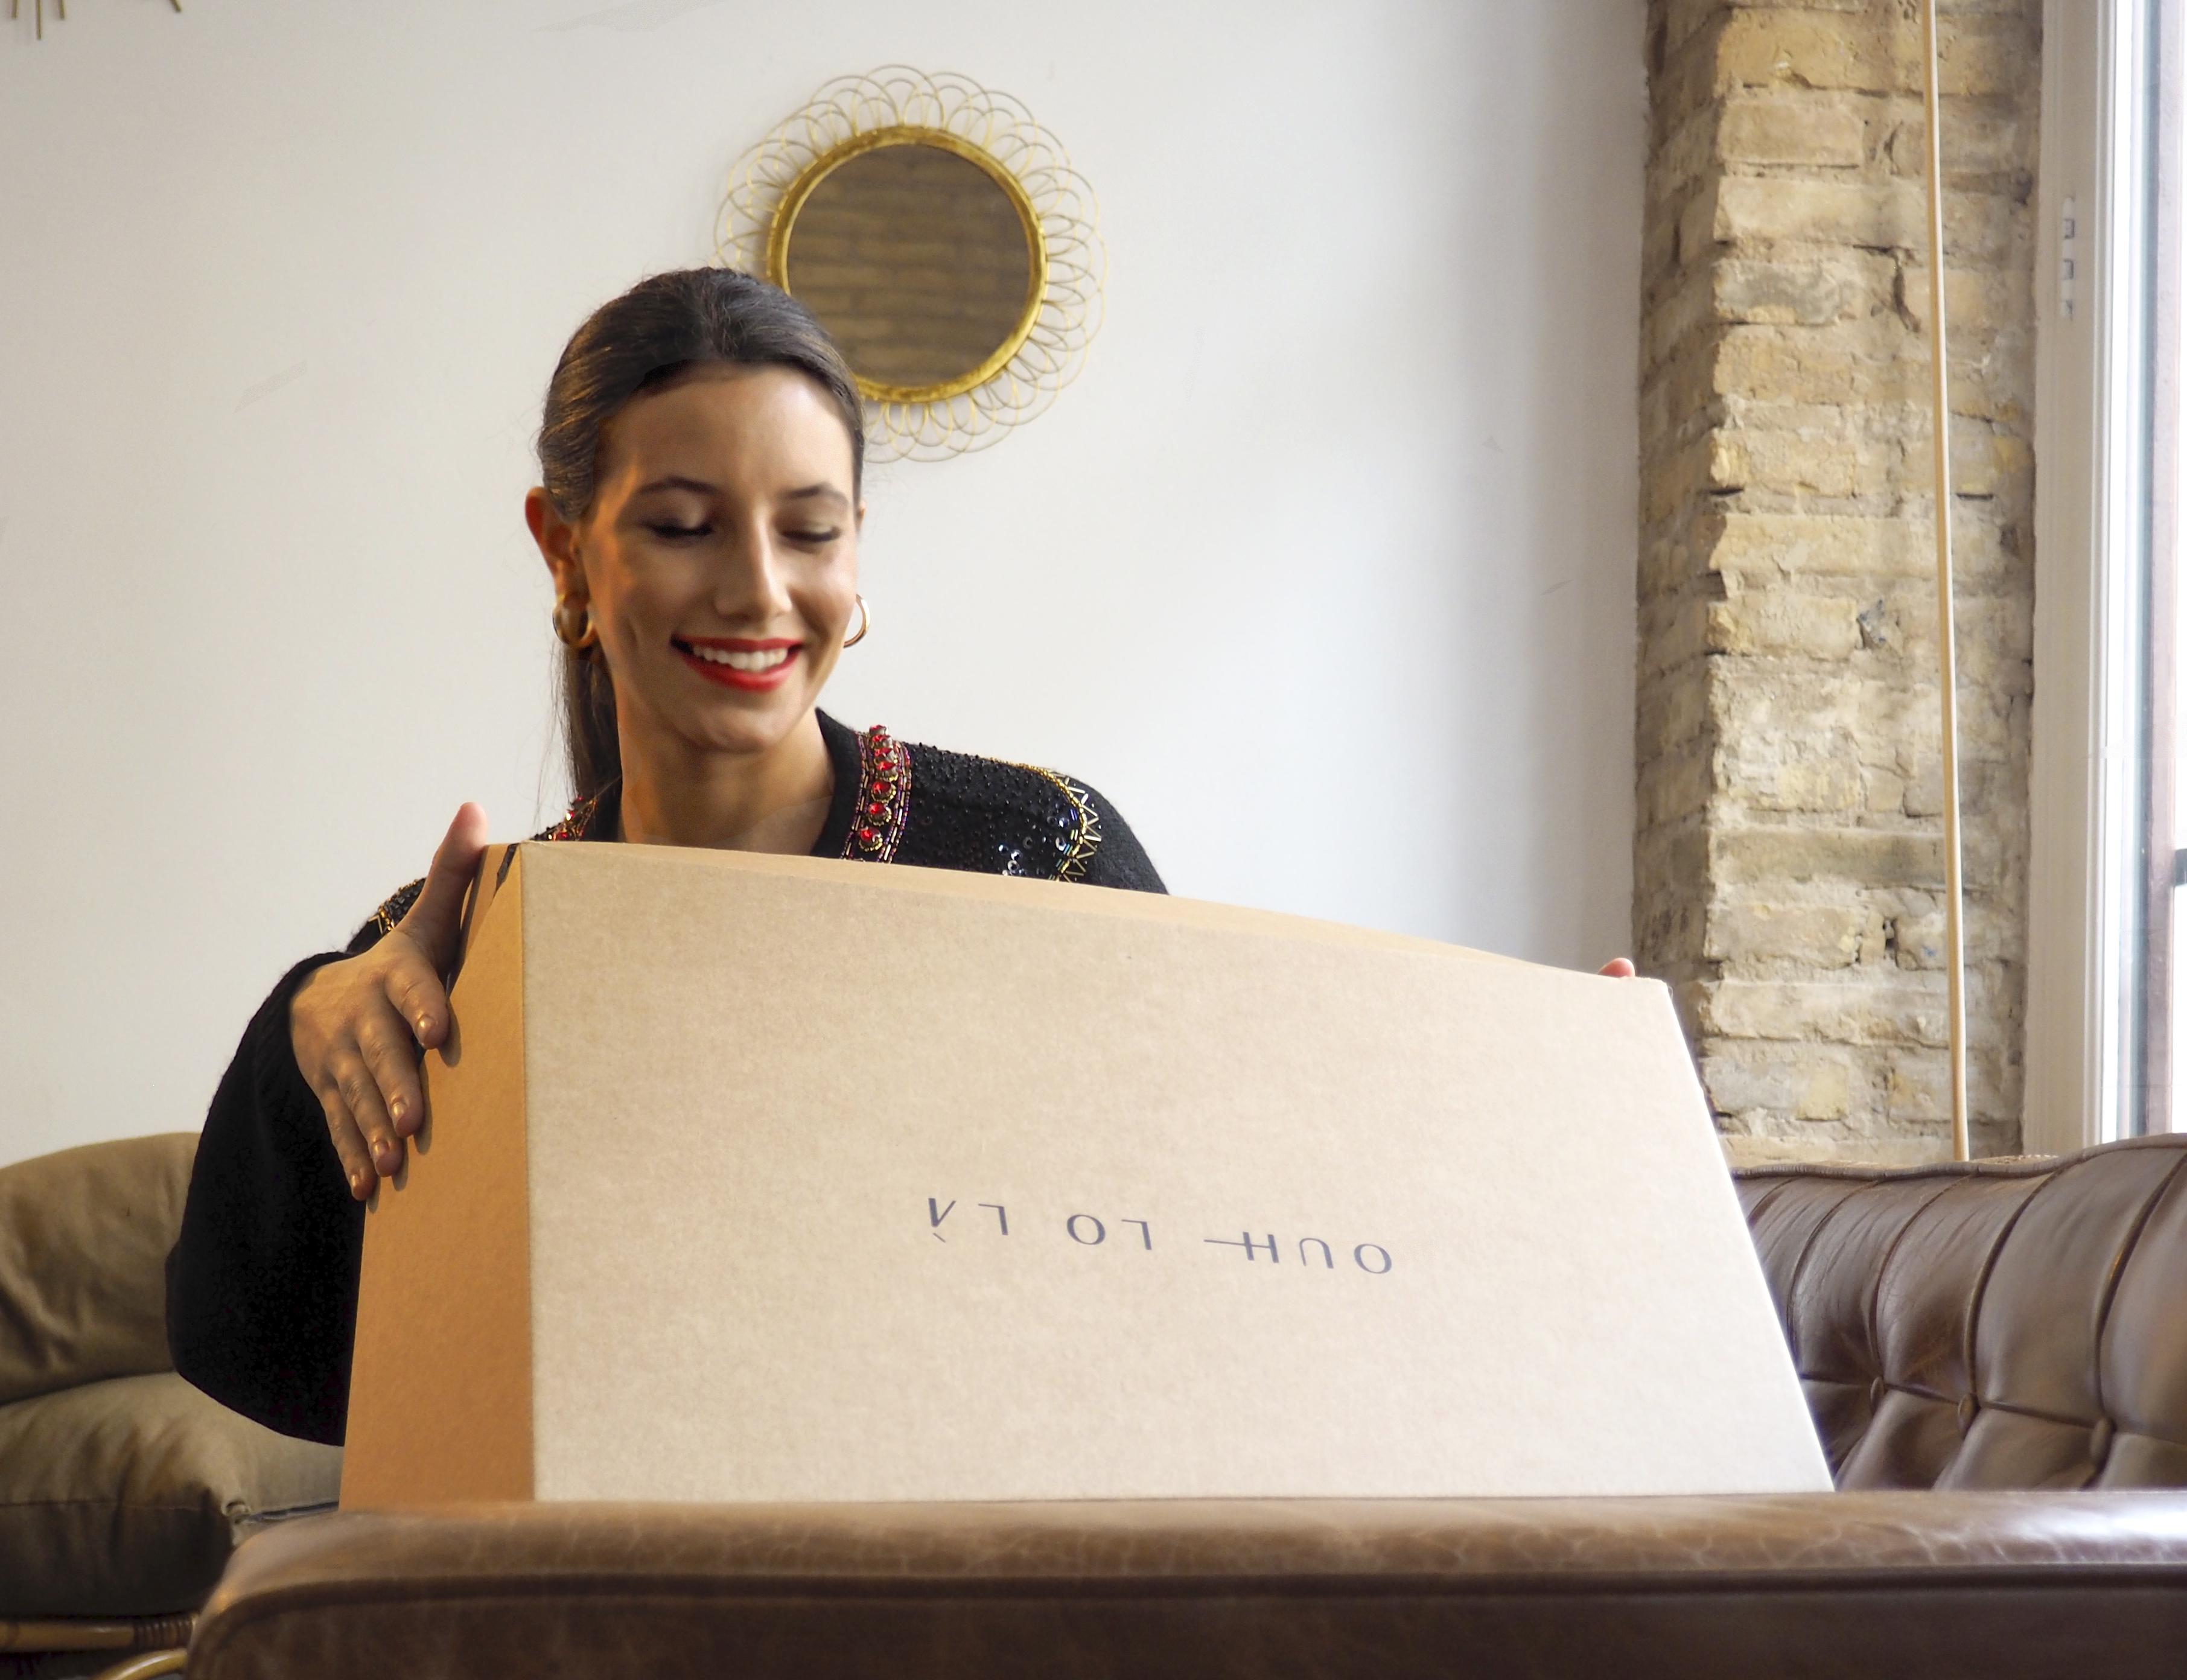 Аренда повседневной одежды постепенно проникает в модную индустрию Испании